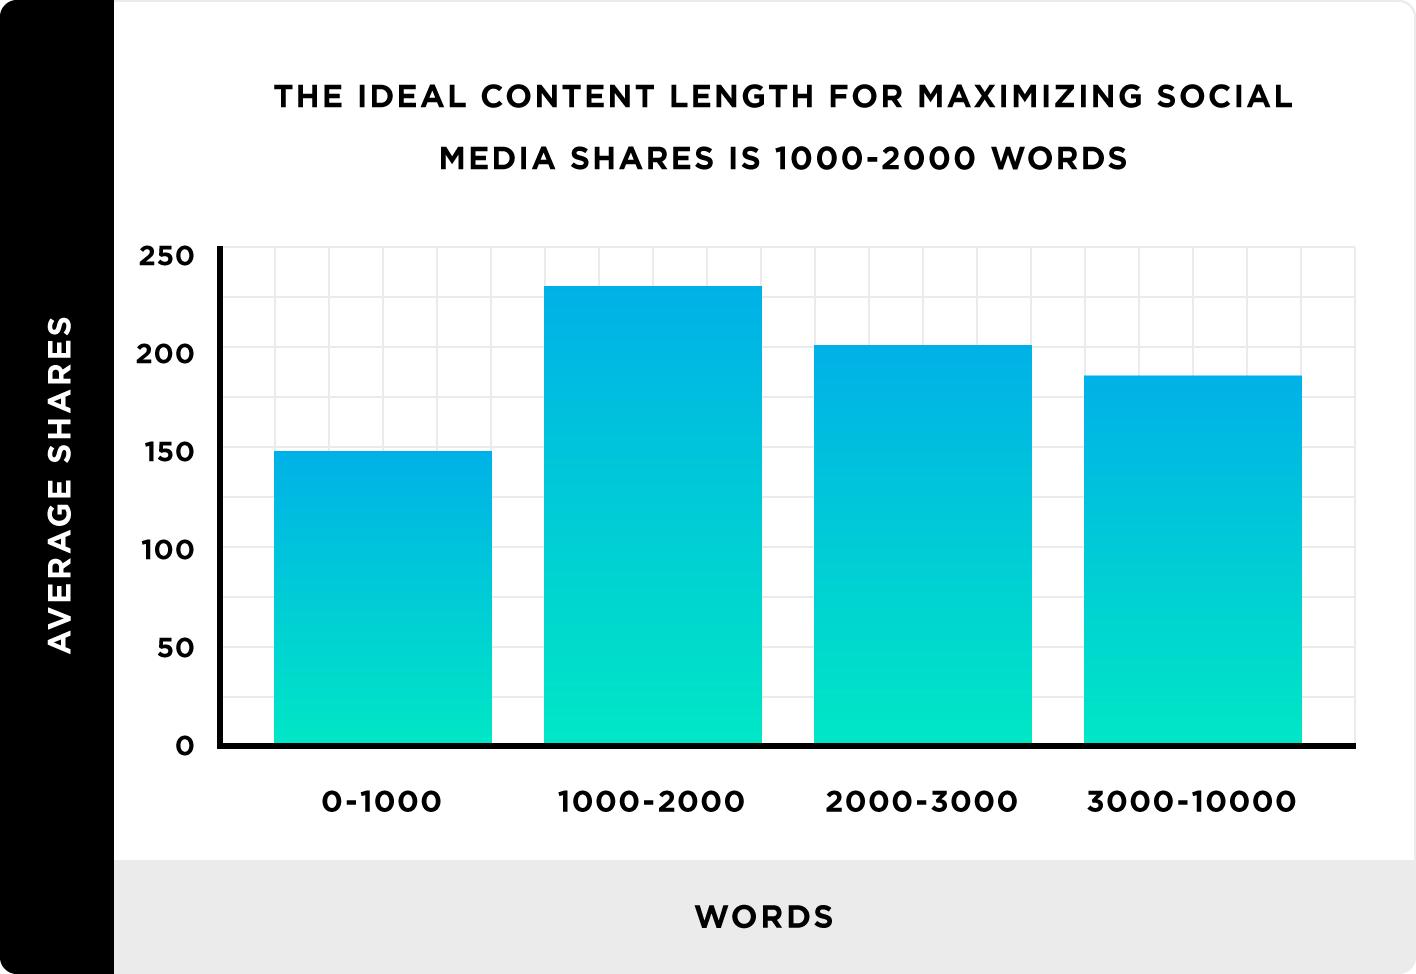 lunghezza ideale per massimizzare le condivisioni sui social media